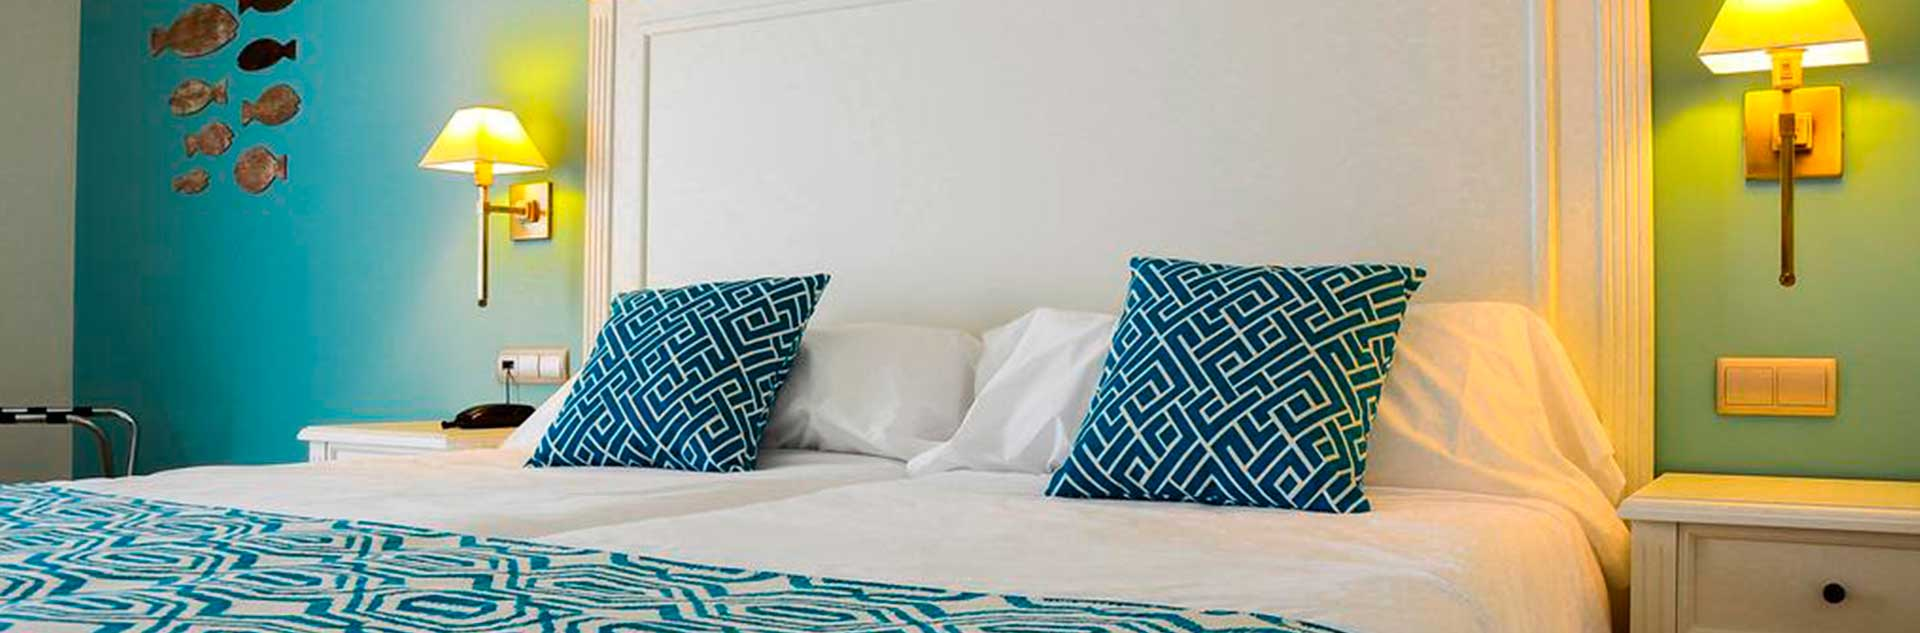 Habitacion del Hotel Smy Costa del Sol en Torremolinos